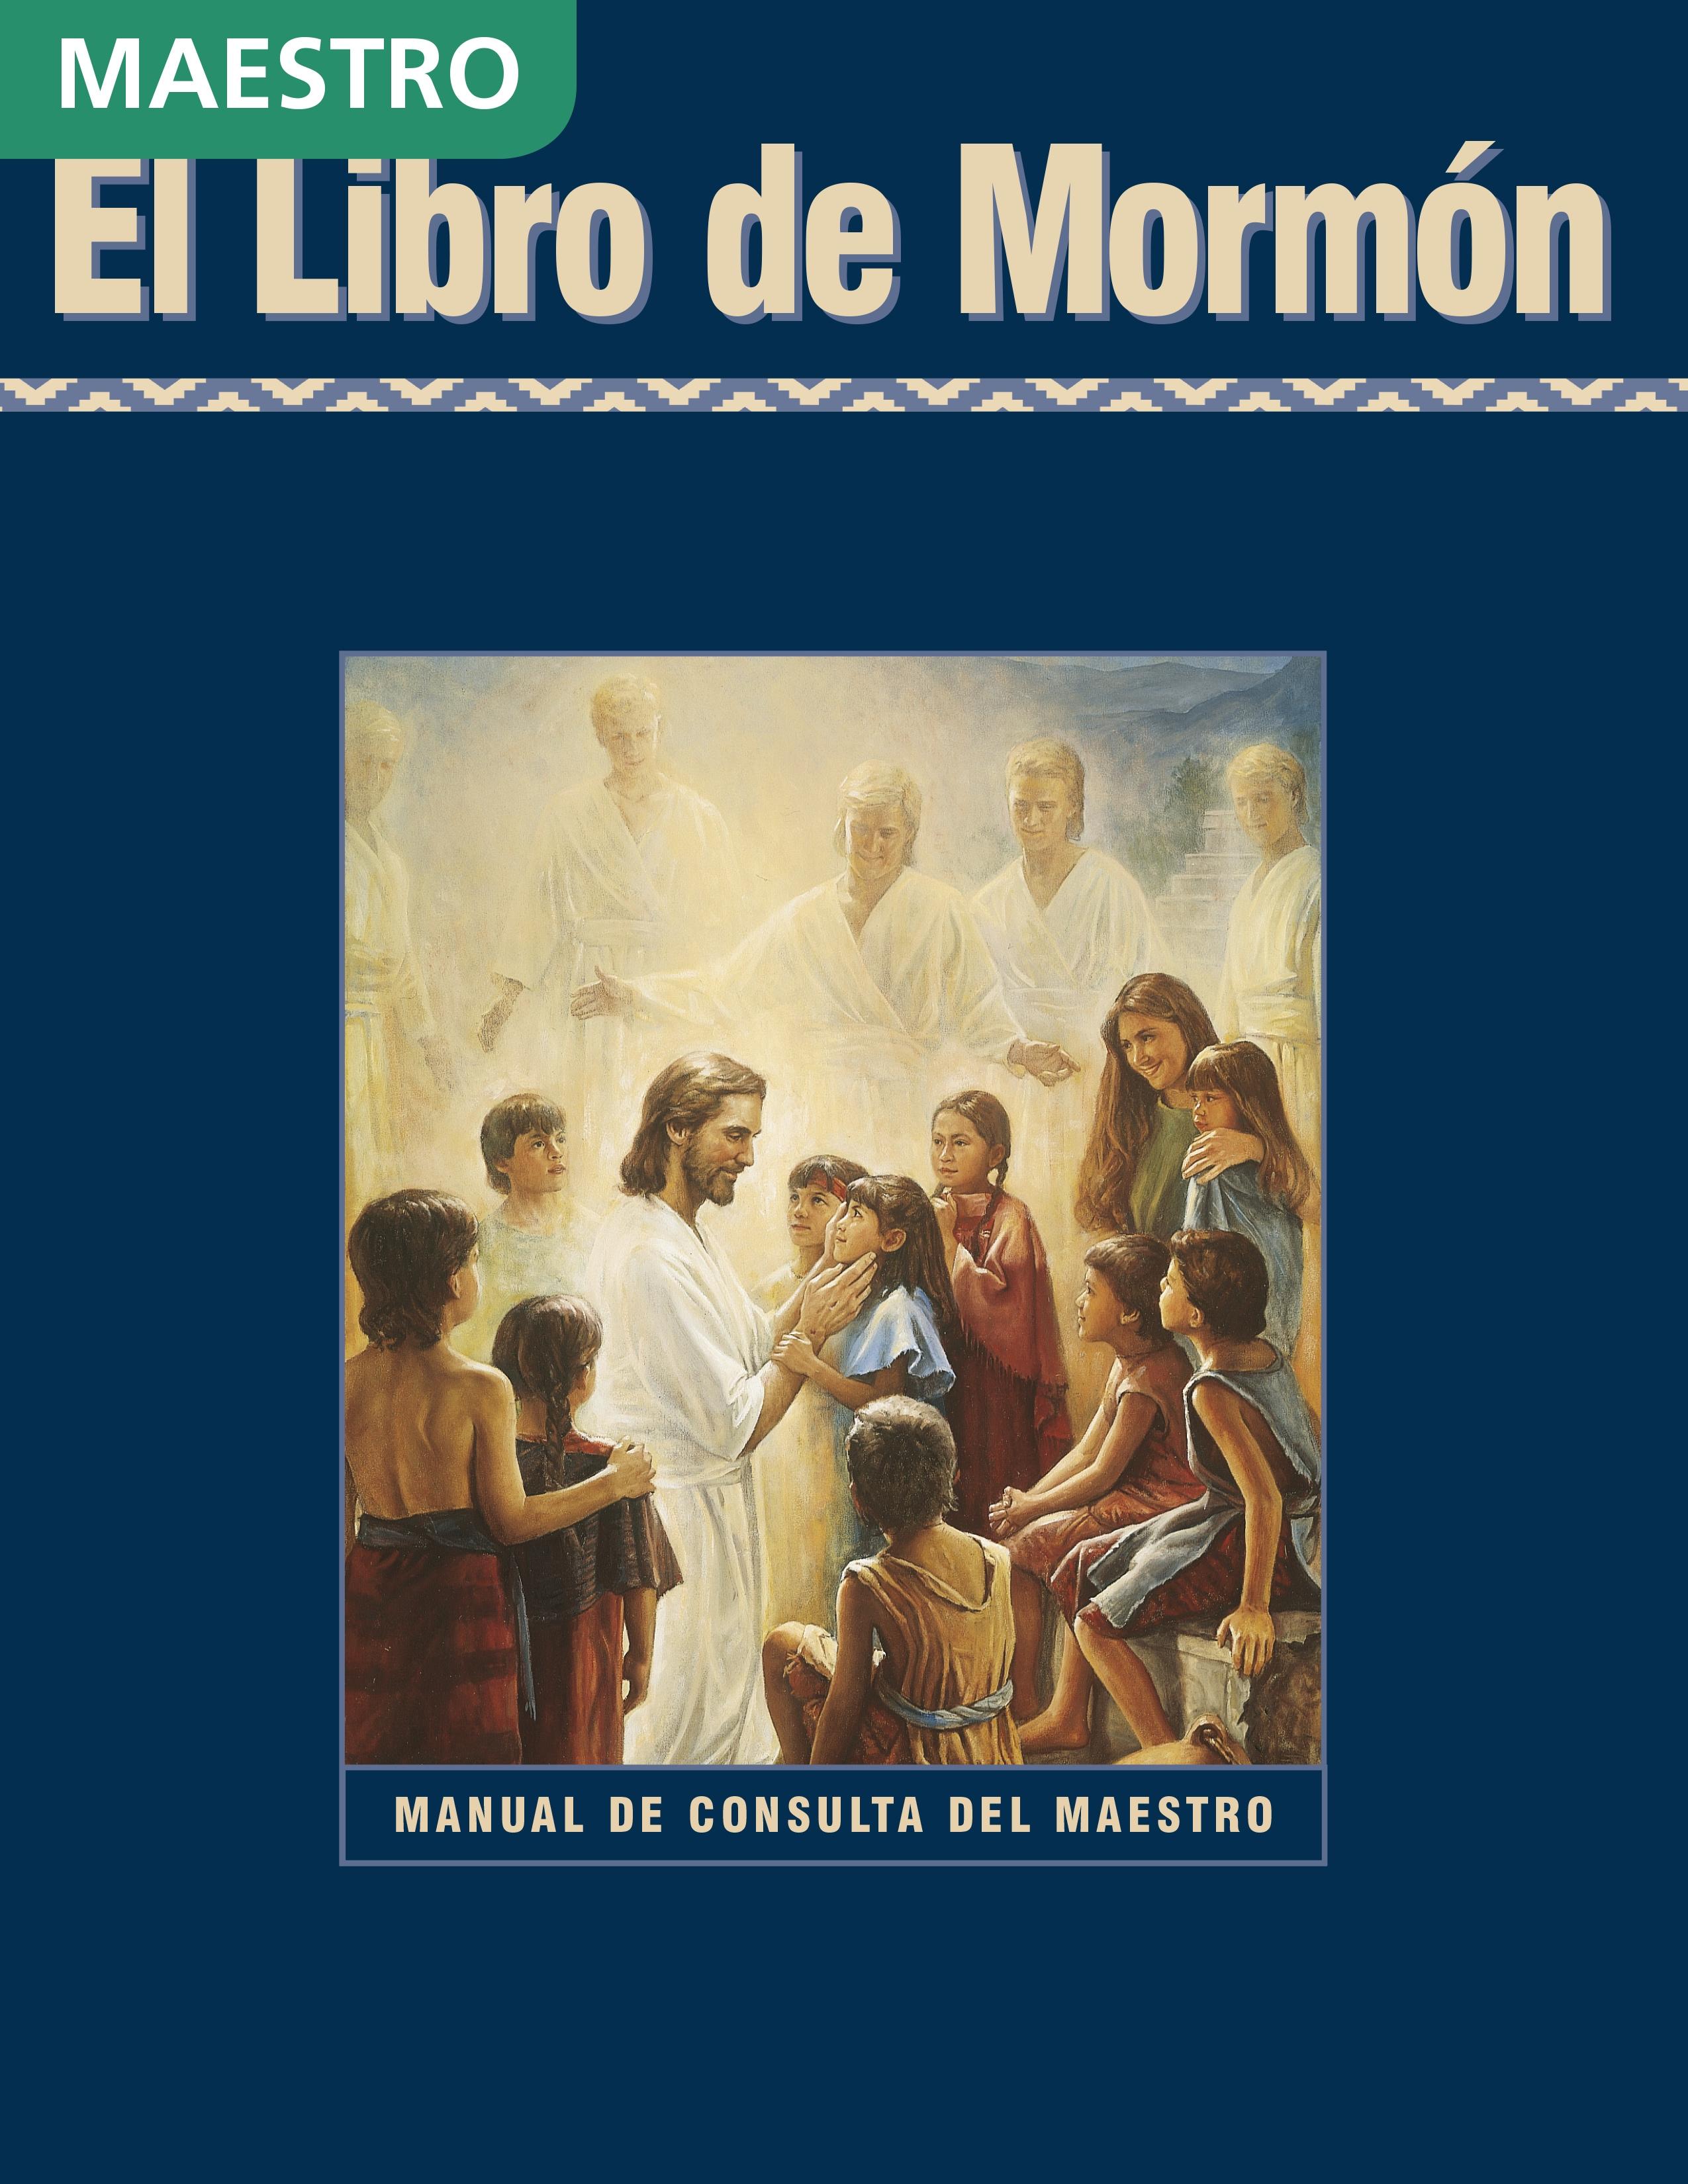 El Libro de Mormón: Manual de consulta del maestro de Seminario